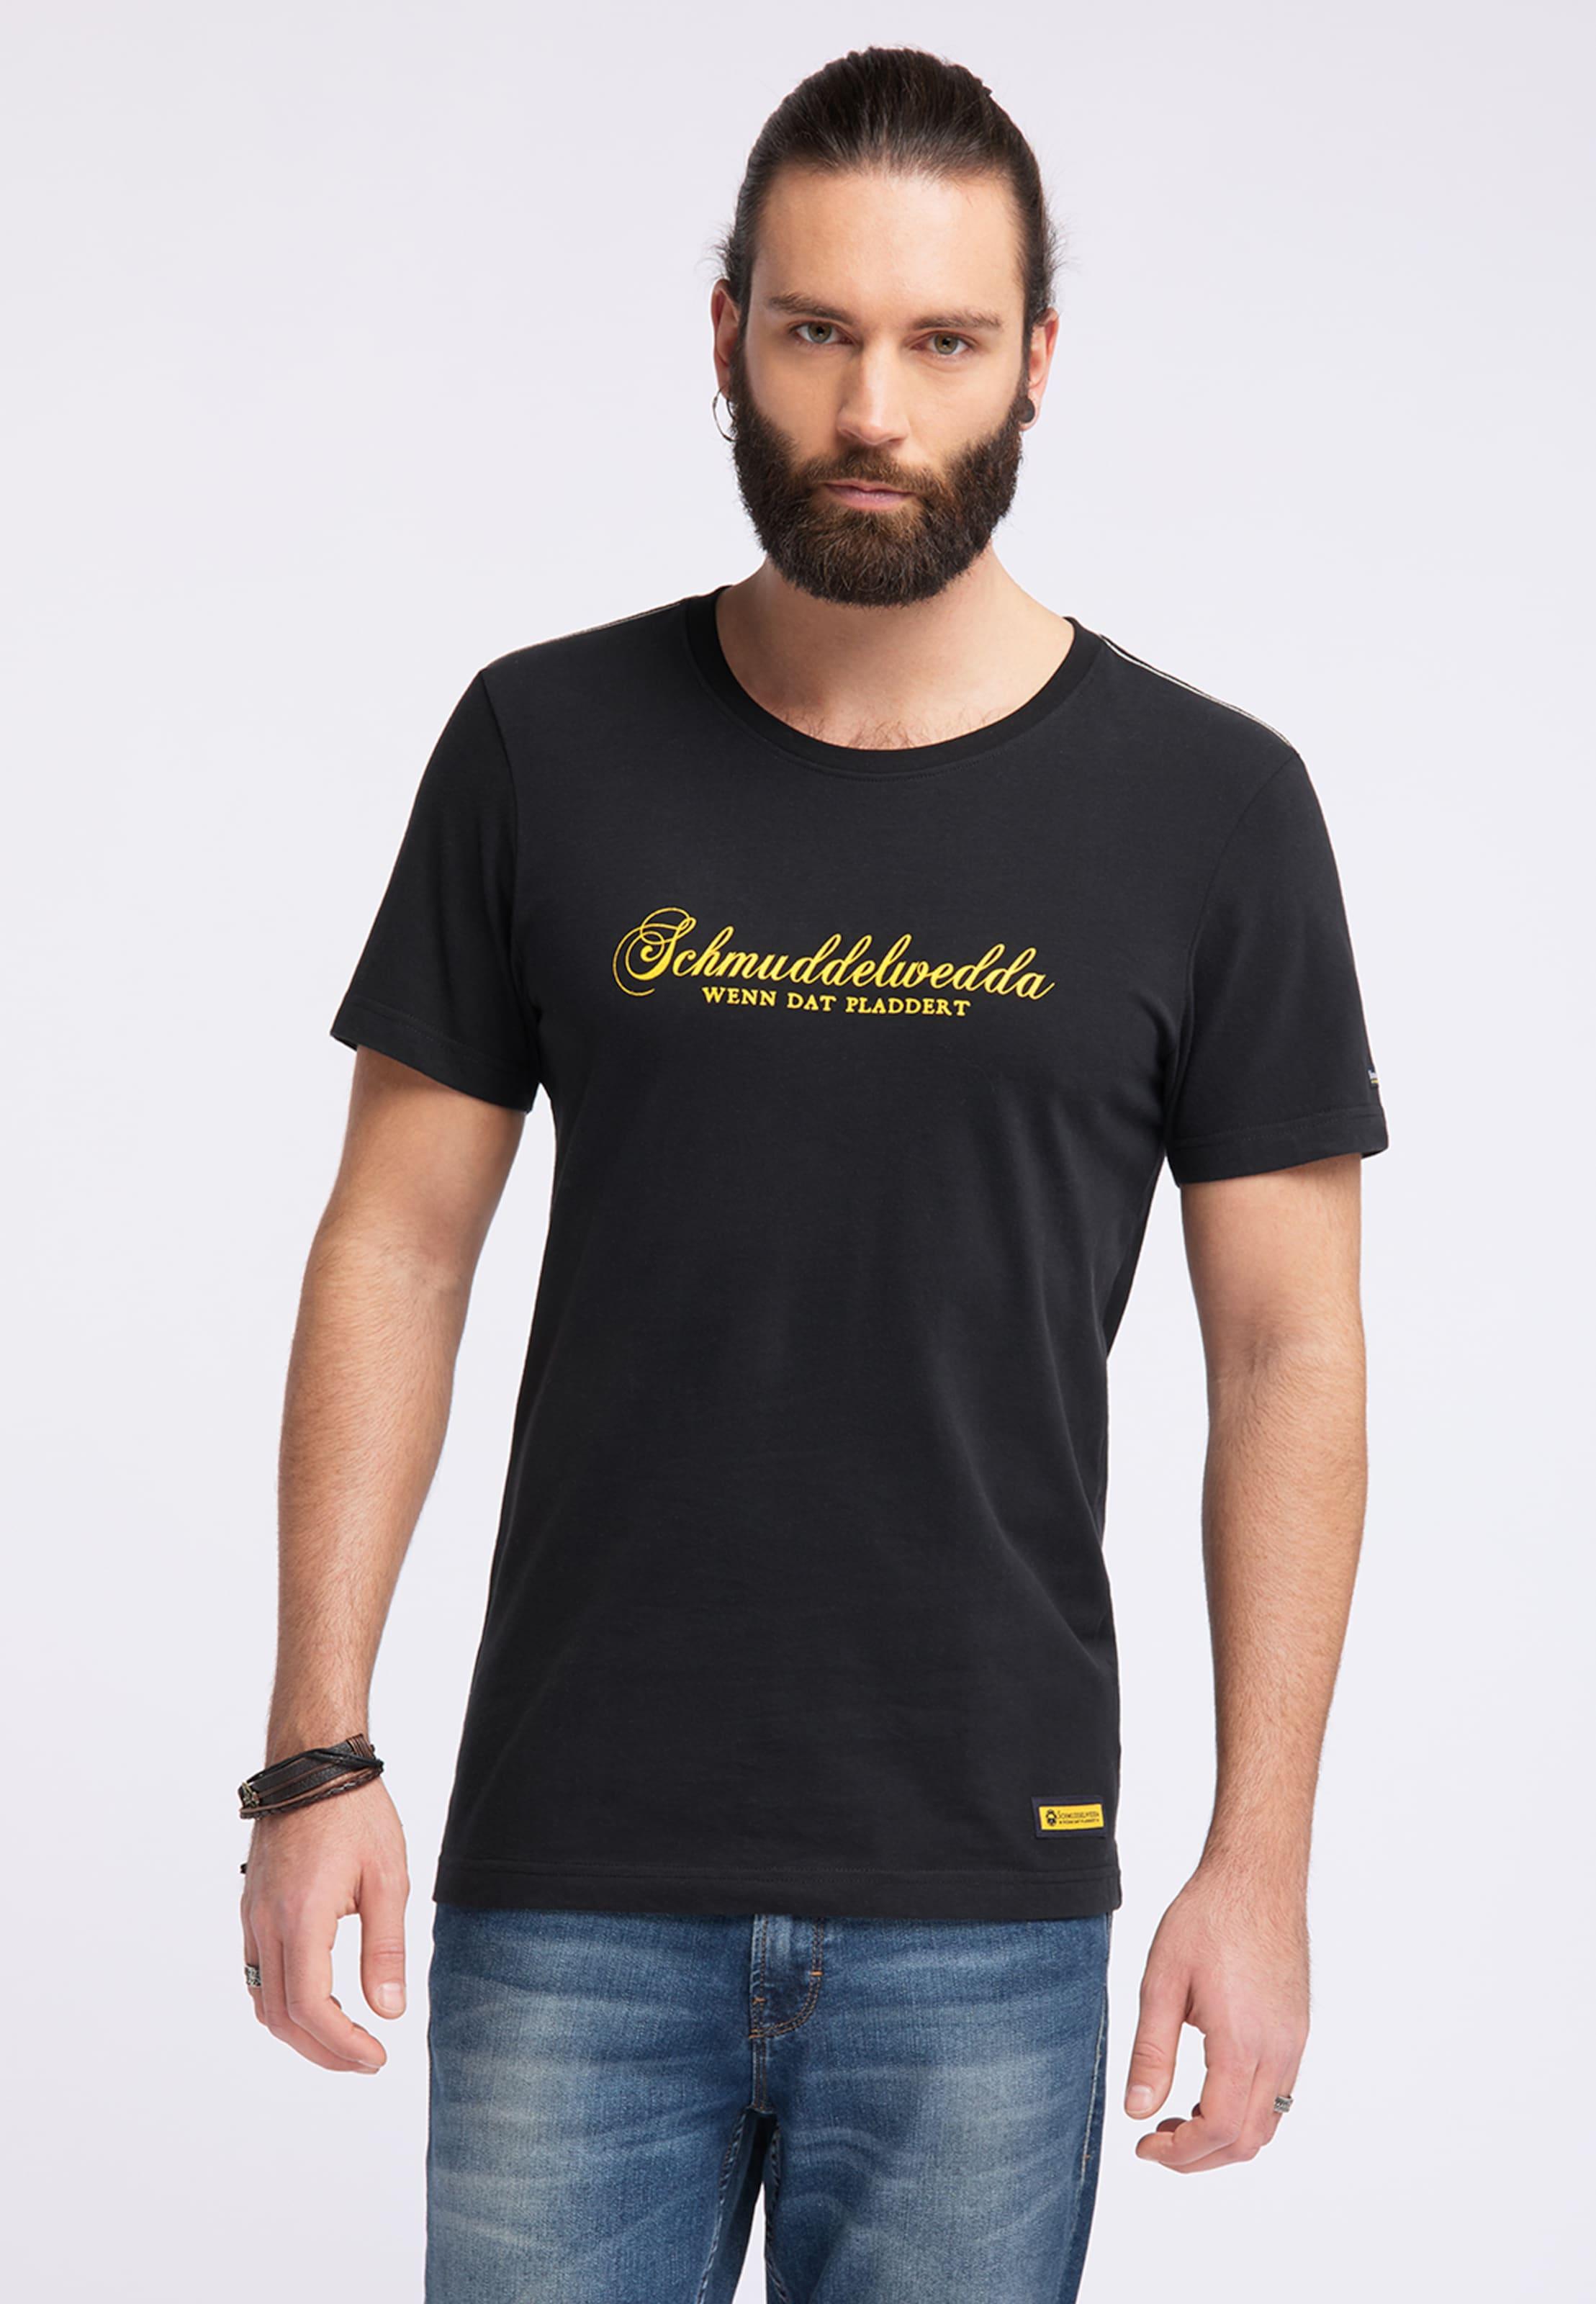 shirt En Schmuddelwedda T shirt JauneNoir T En Schmuddelwedda mN80Onwv